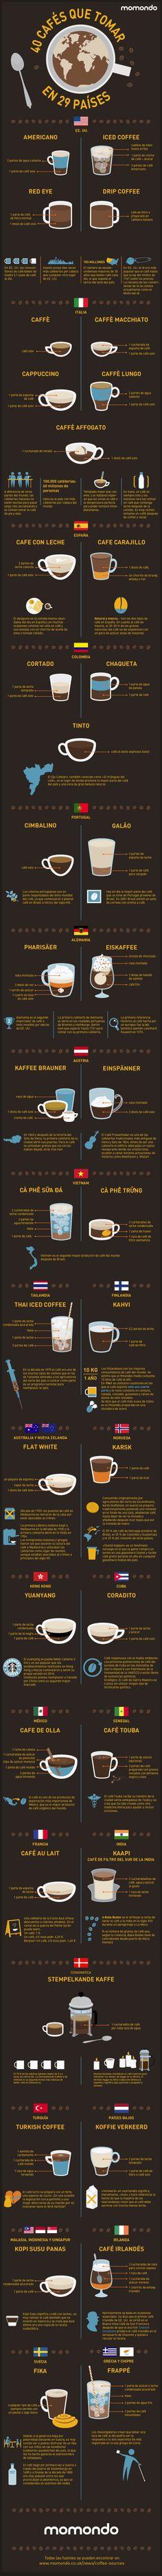 Cómo pedir café cuando vayas de viaje #infografia #infographic #tourism